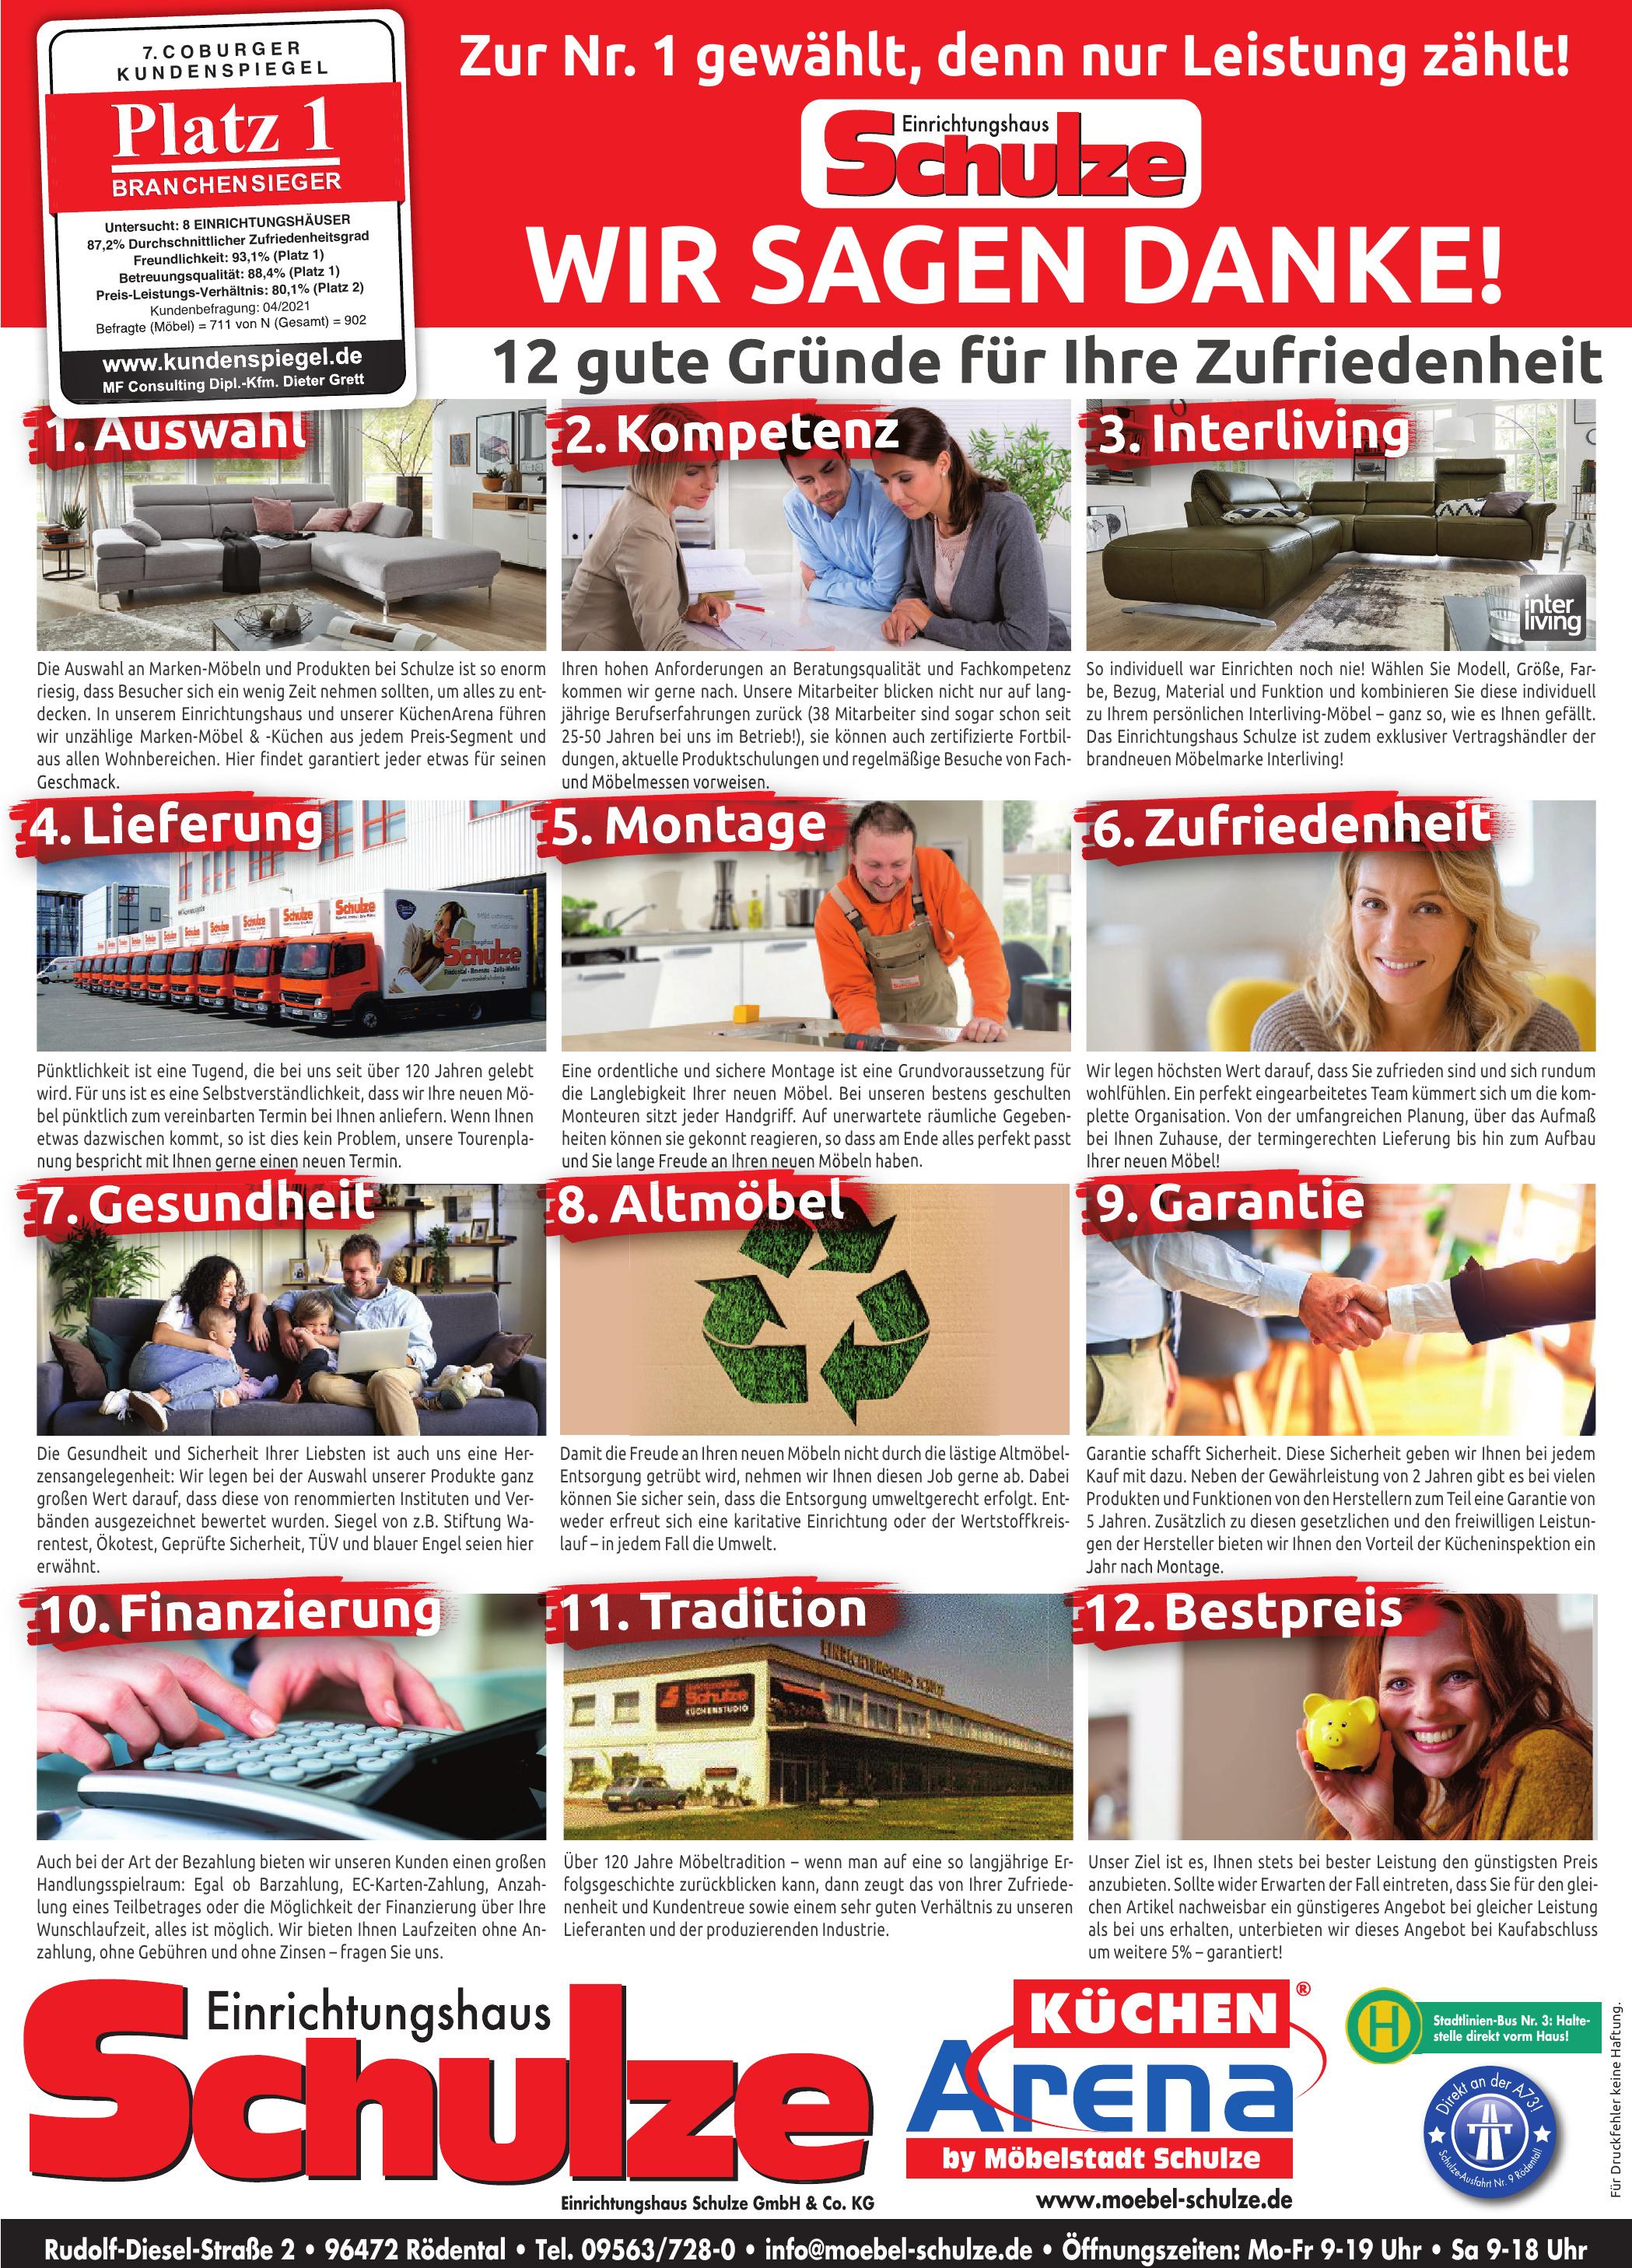 Schulze Einrichtungshaus Schulze GmbH & Co. KG